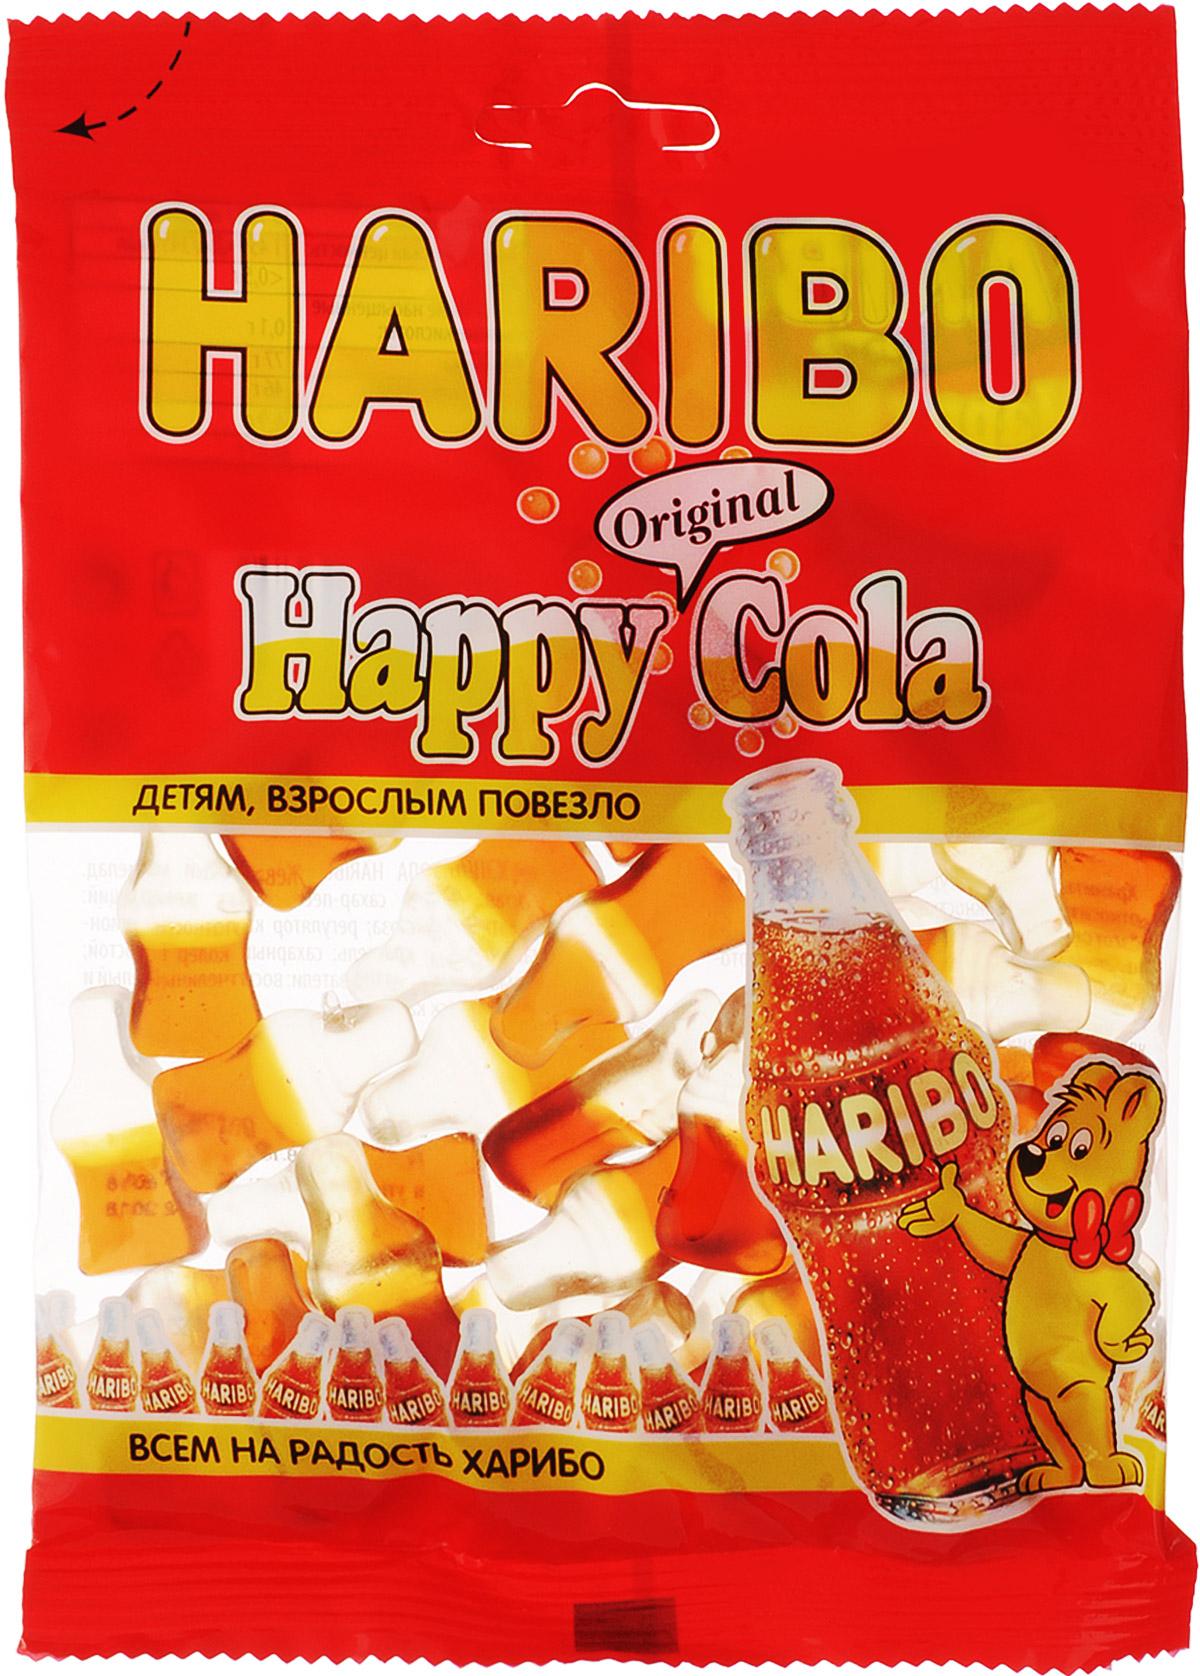 Haribo Happy Cola жевательный мармелад, 140 г haribo червячки вуммис жевательный мармелад 140 г